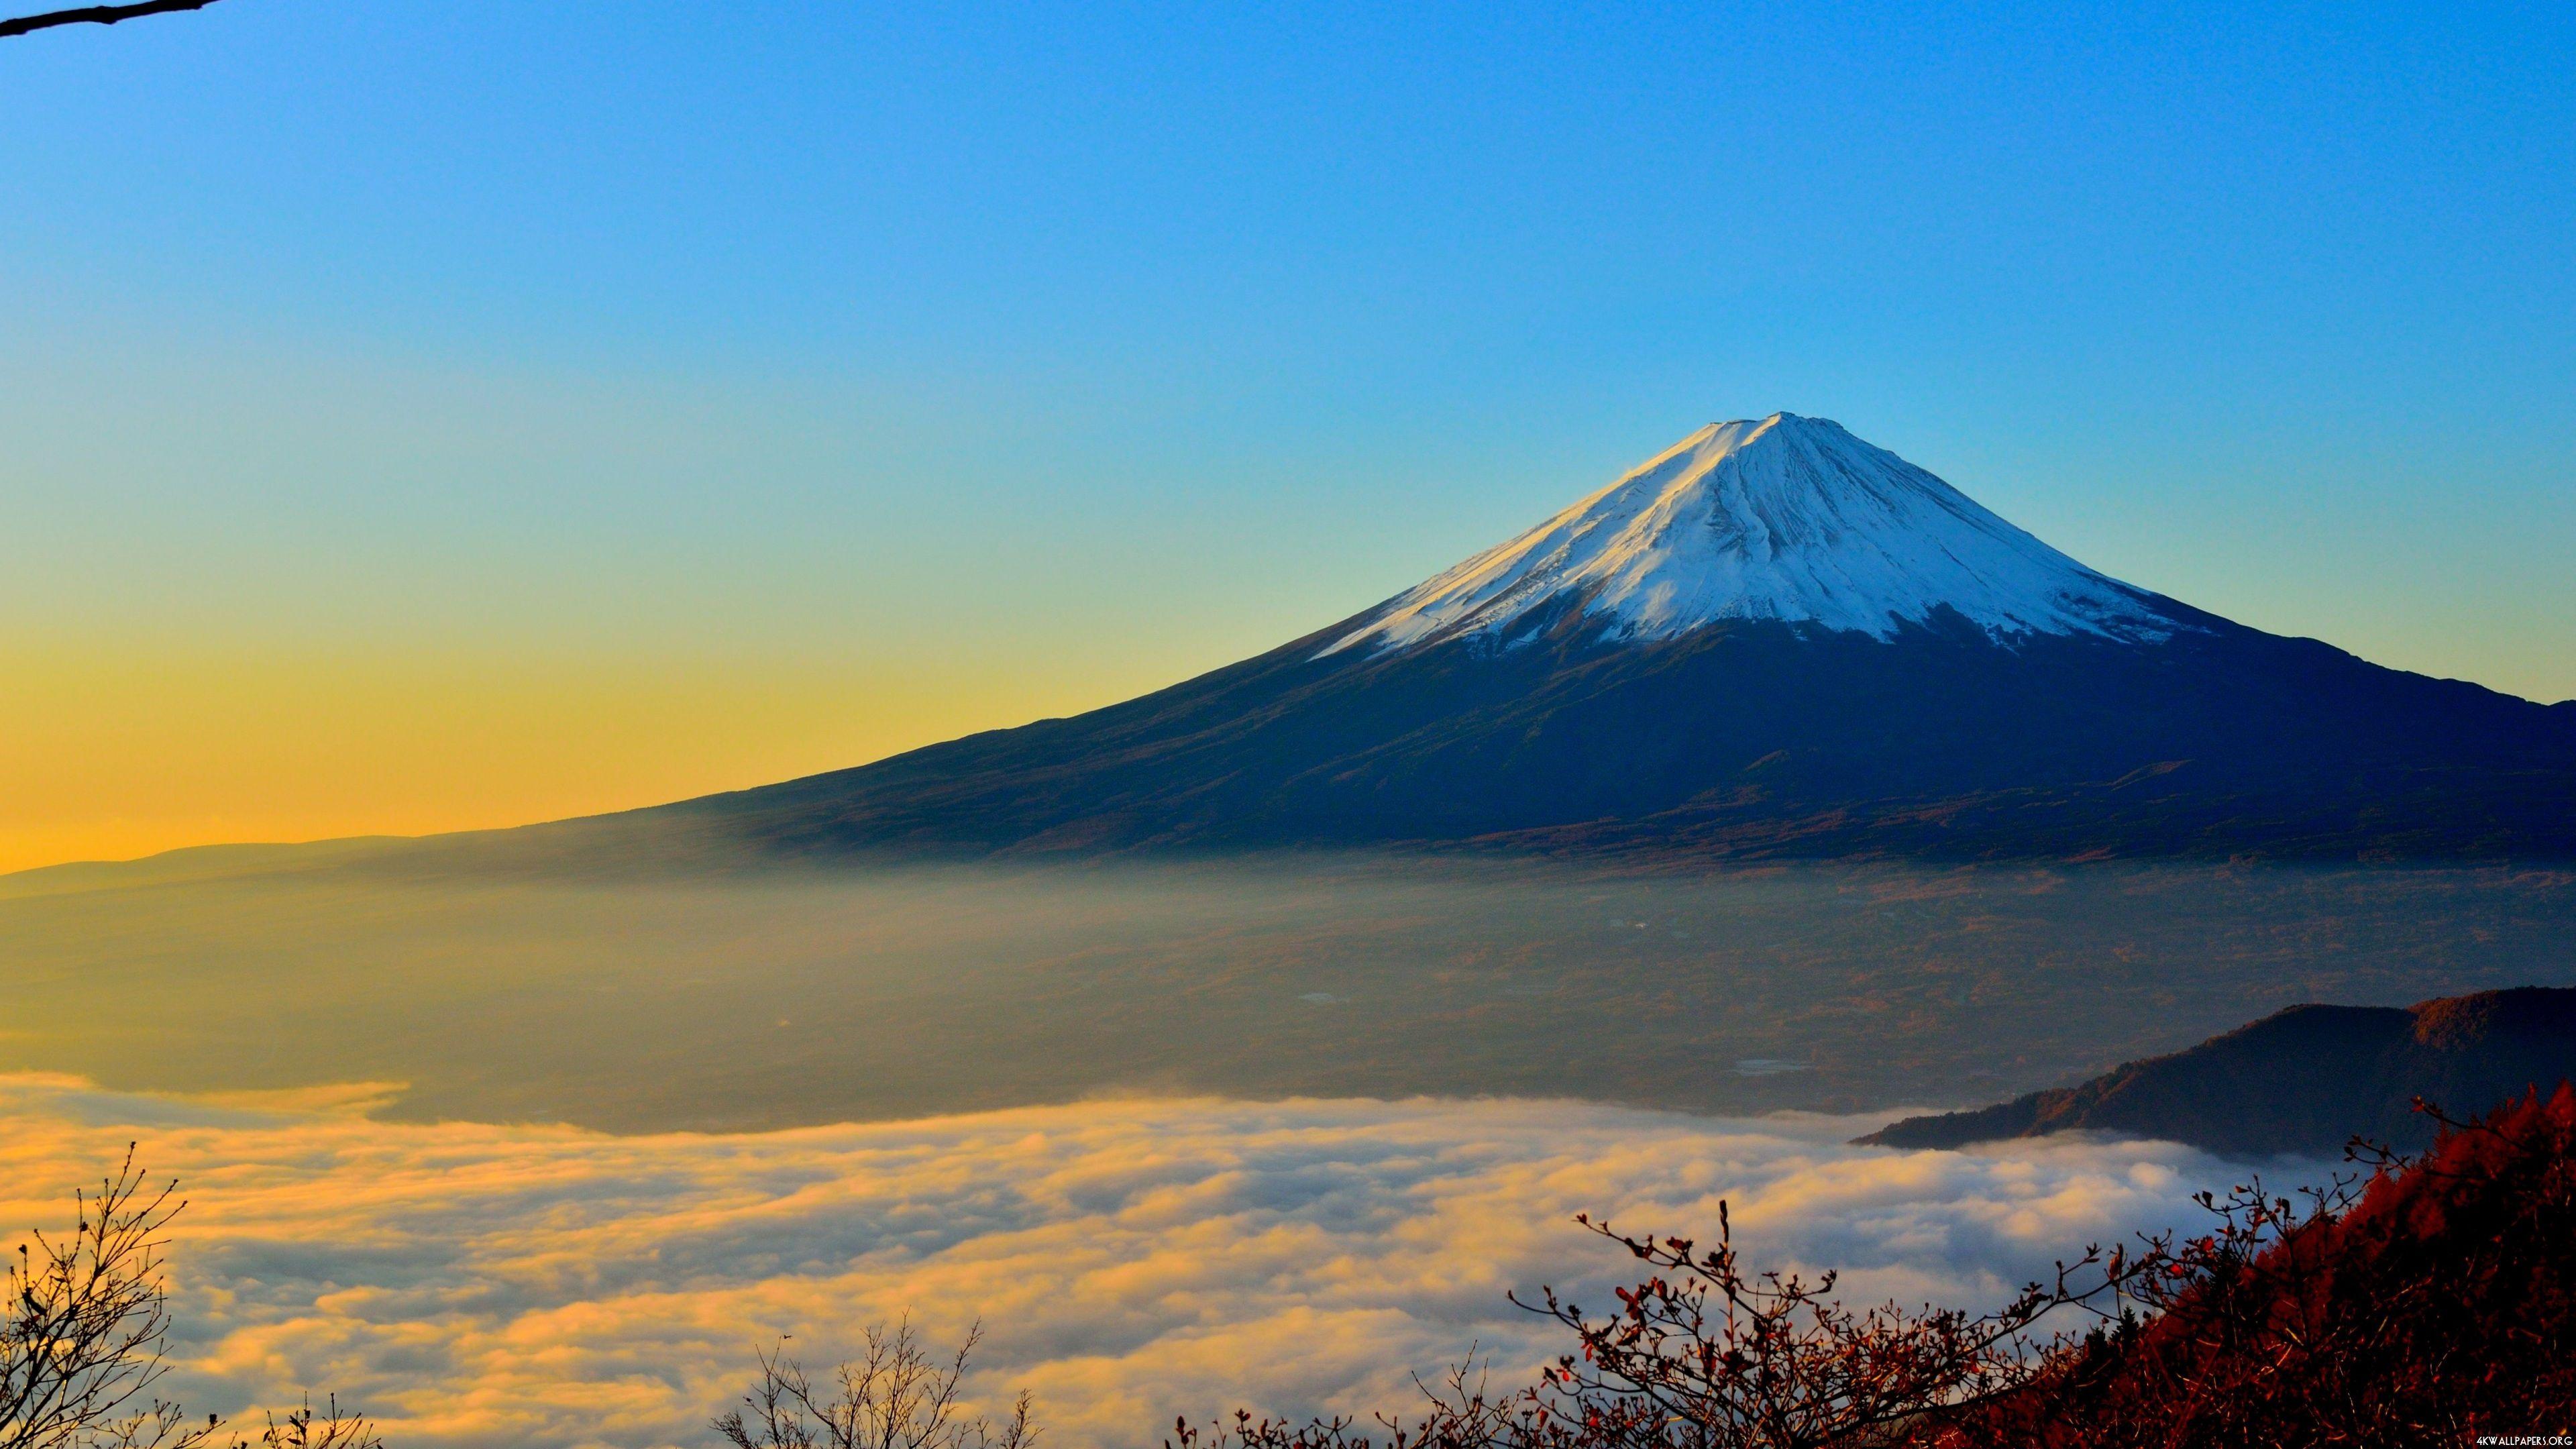 Mt Fuji Desktop Wallpapers   Top Mt Fuji Desktop 3840x2160